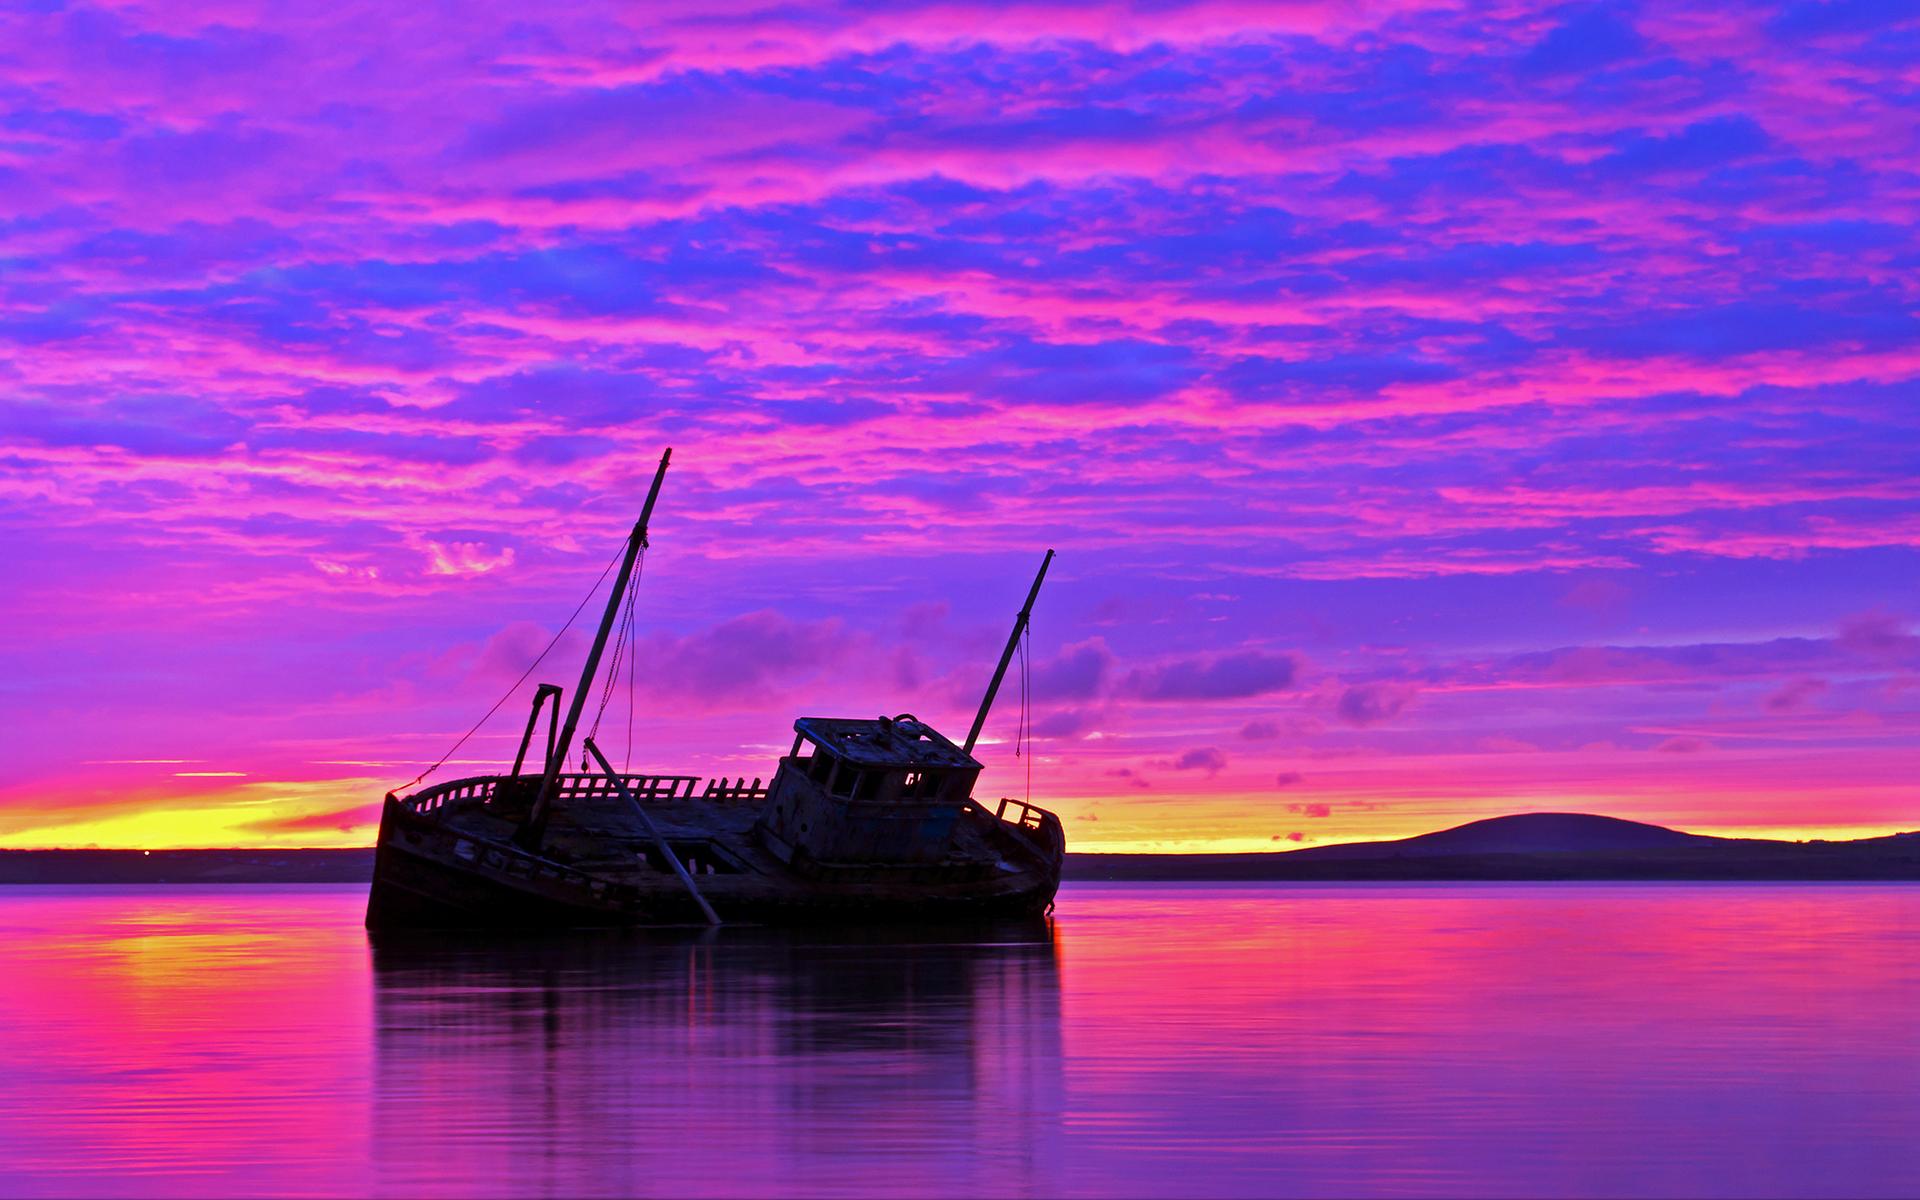 Shipwreck purple sunset